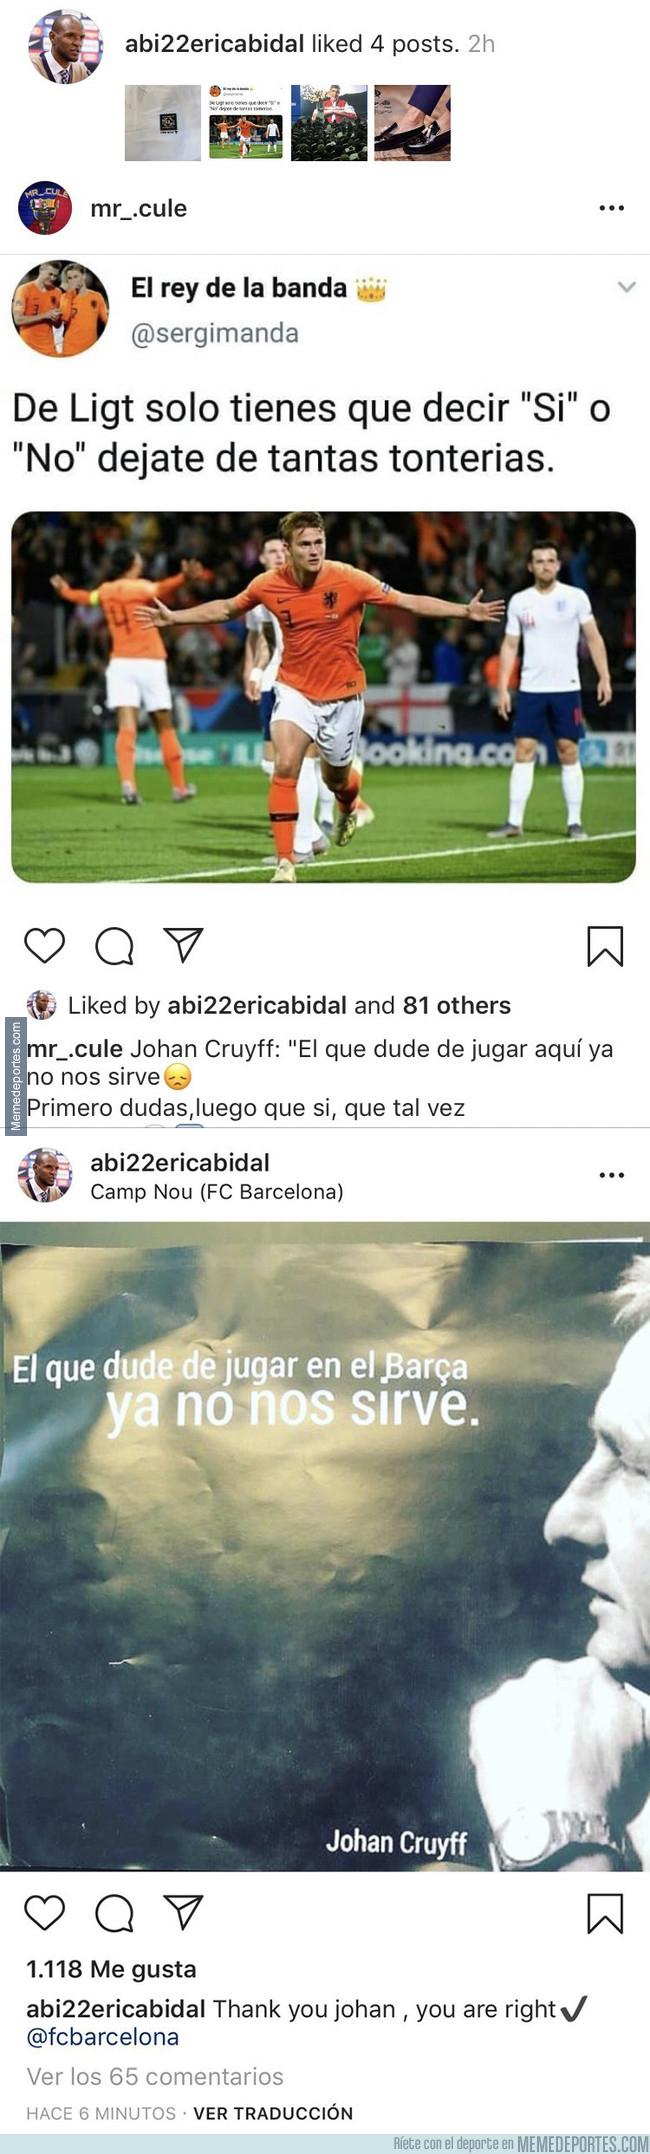 1077902 - El polémico 'like' en Instagram de Abidal sobre la decisión de De Ligt para firmar por el Barça